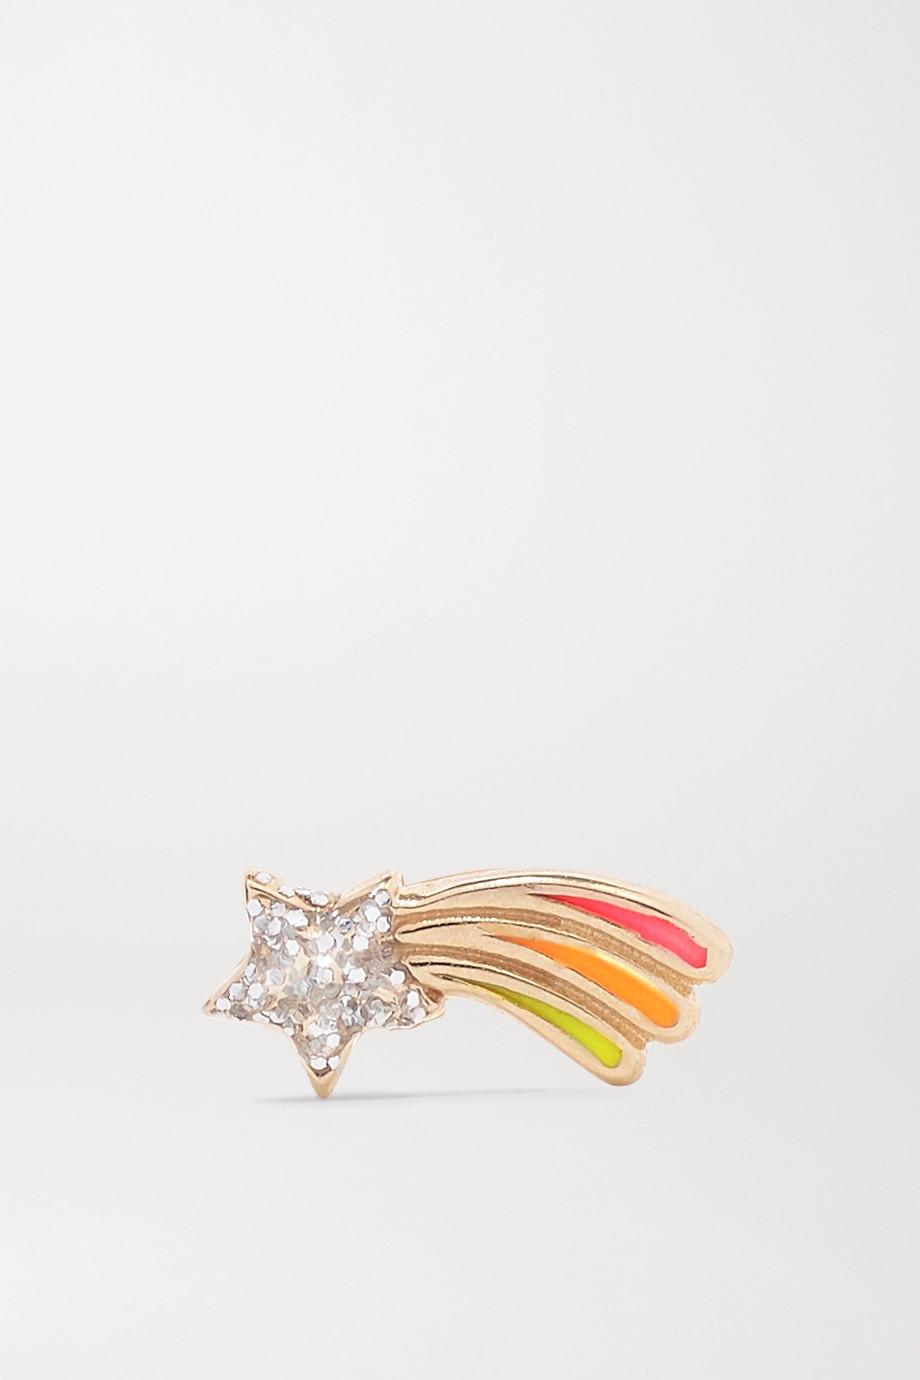 Alison Lou Shooting Star Ohrring aus 14 Karat Gold mit Emaille und Glitter-Finish